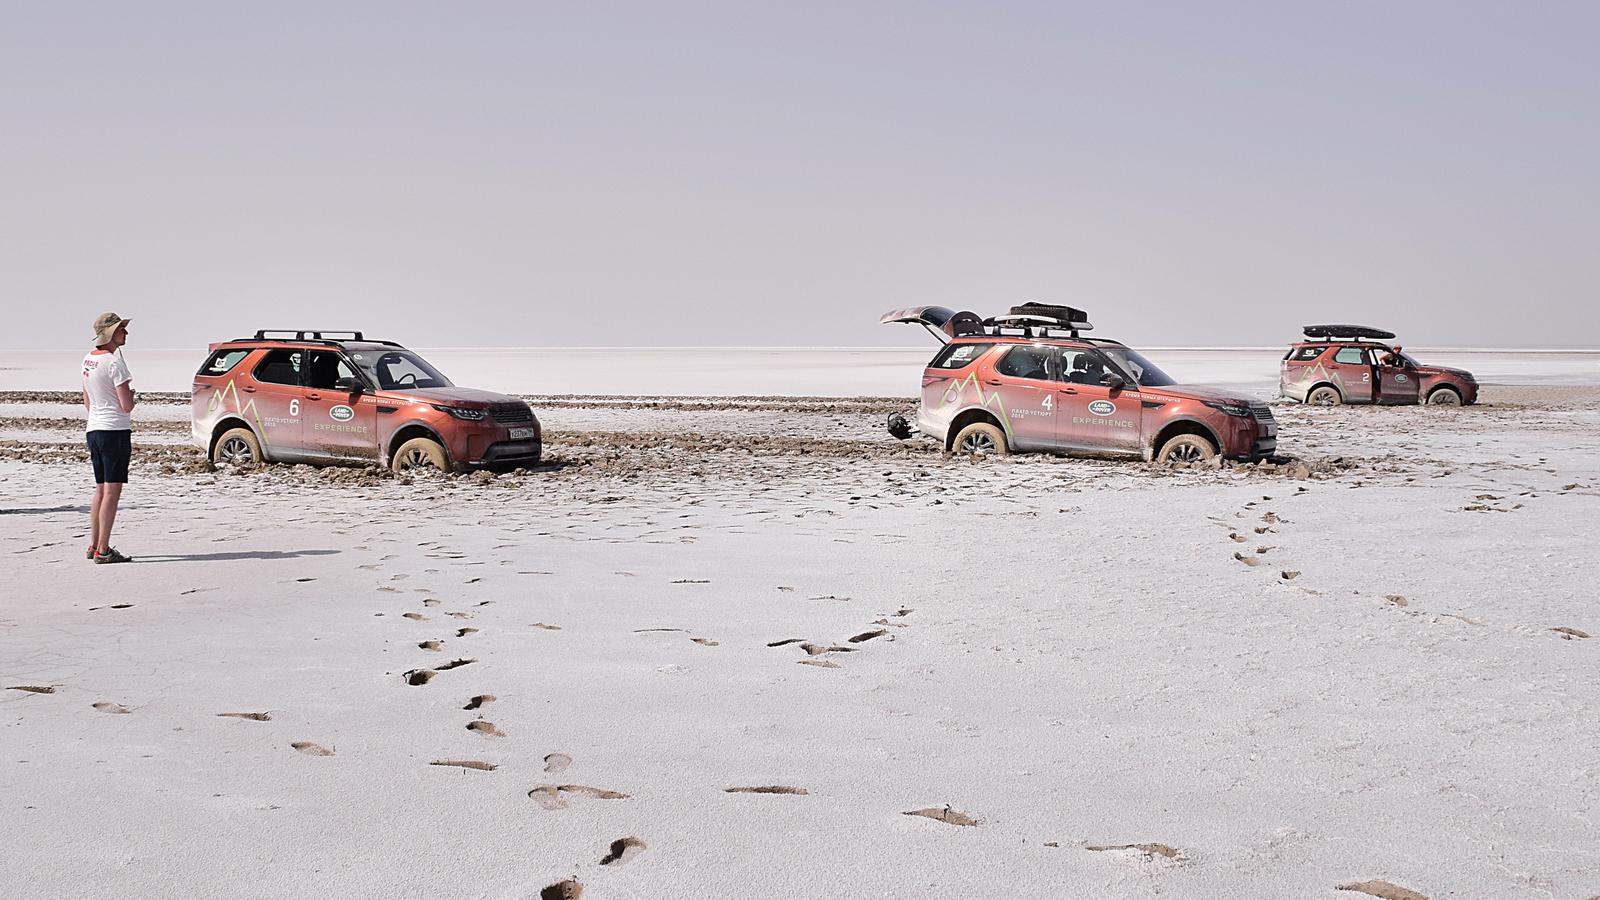 385 - Близкий космос: на новом Land Rover Discovery – по плато Устюрт